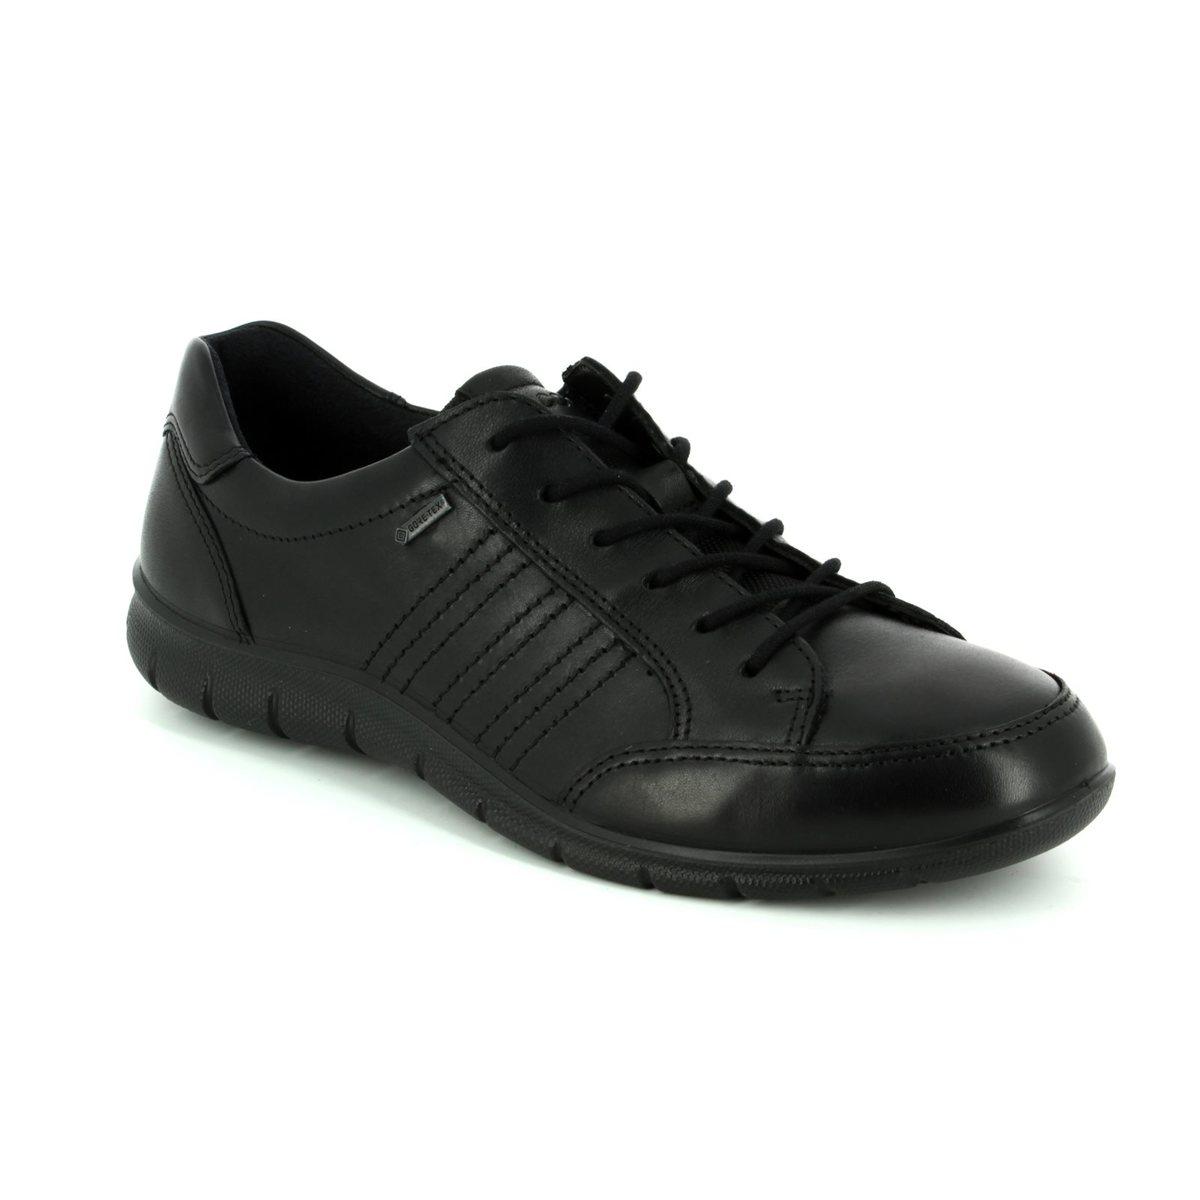 6602d0c41a99 ECCO Lacing Shoes - Black - 210353 01001 BABETT GORE-TEX